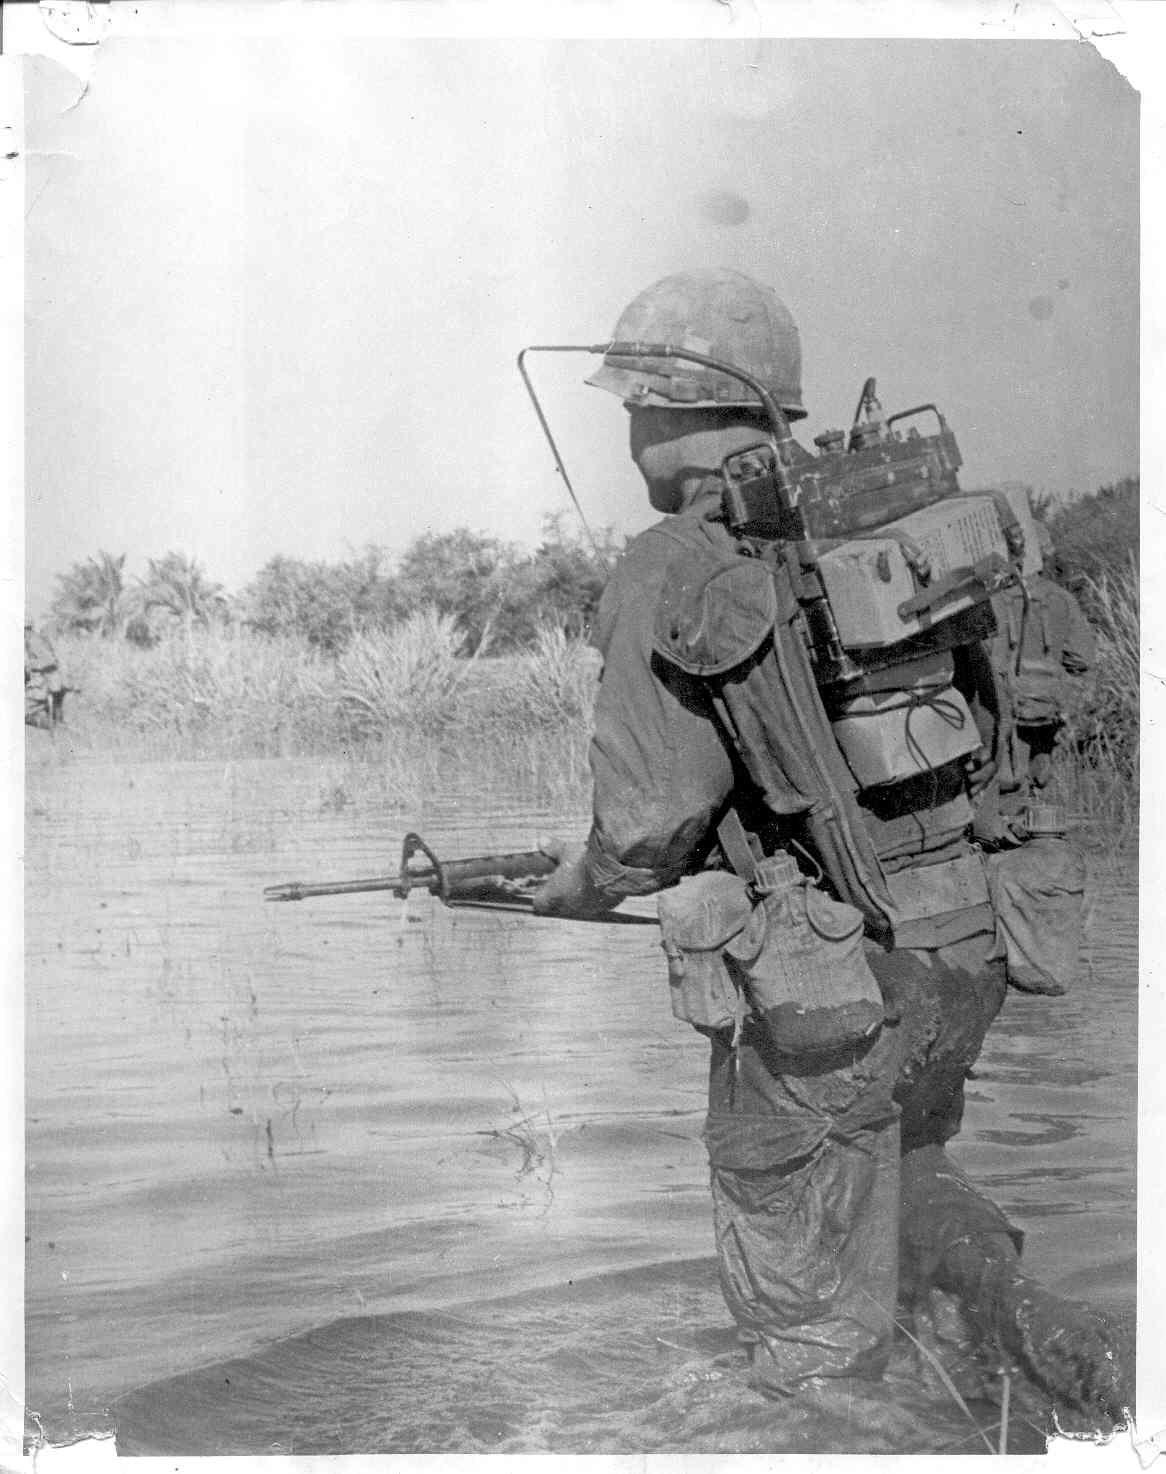 The Vietnam War Era | Vietnam war, Vietnam war photos, Vietnam